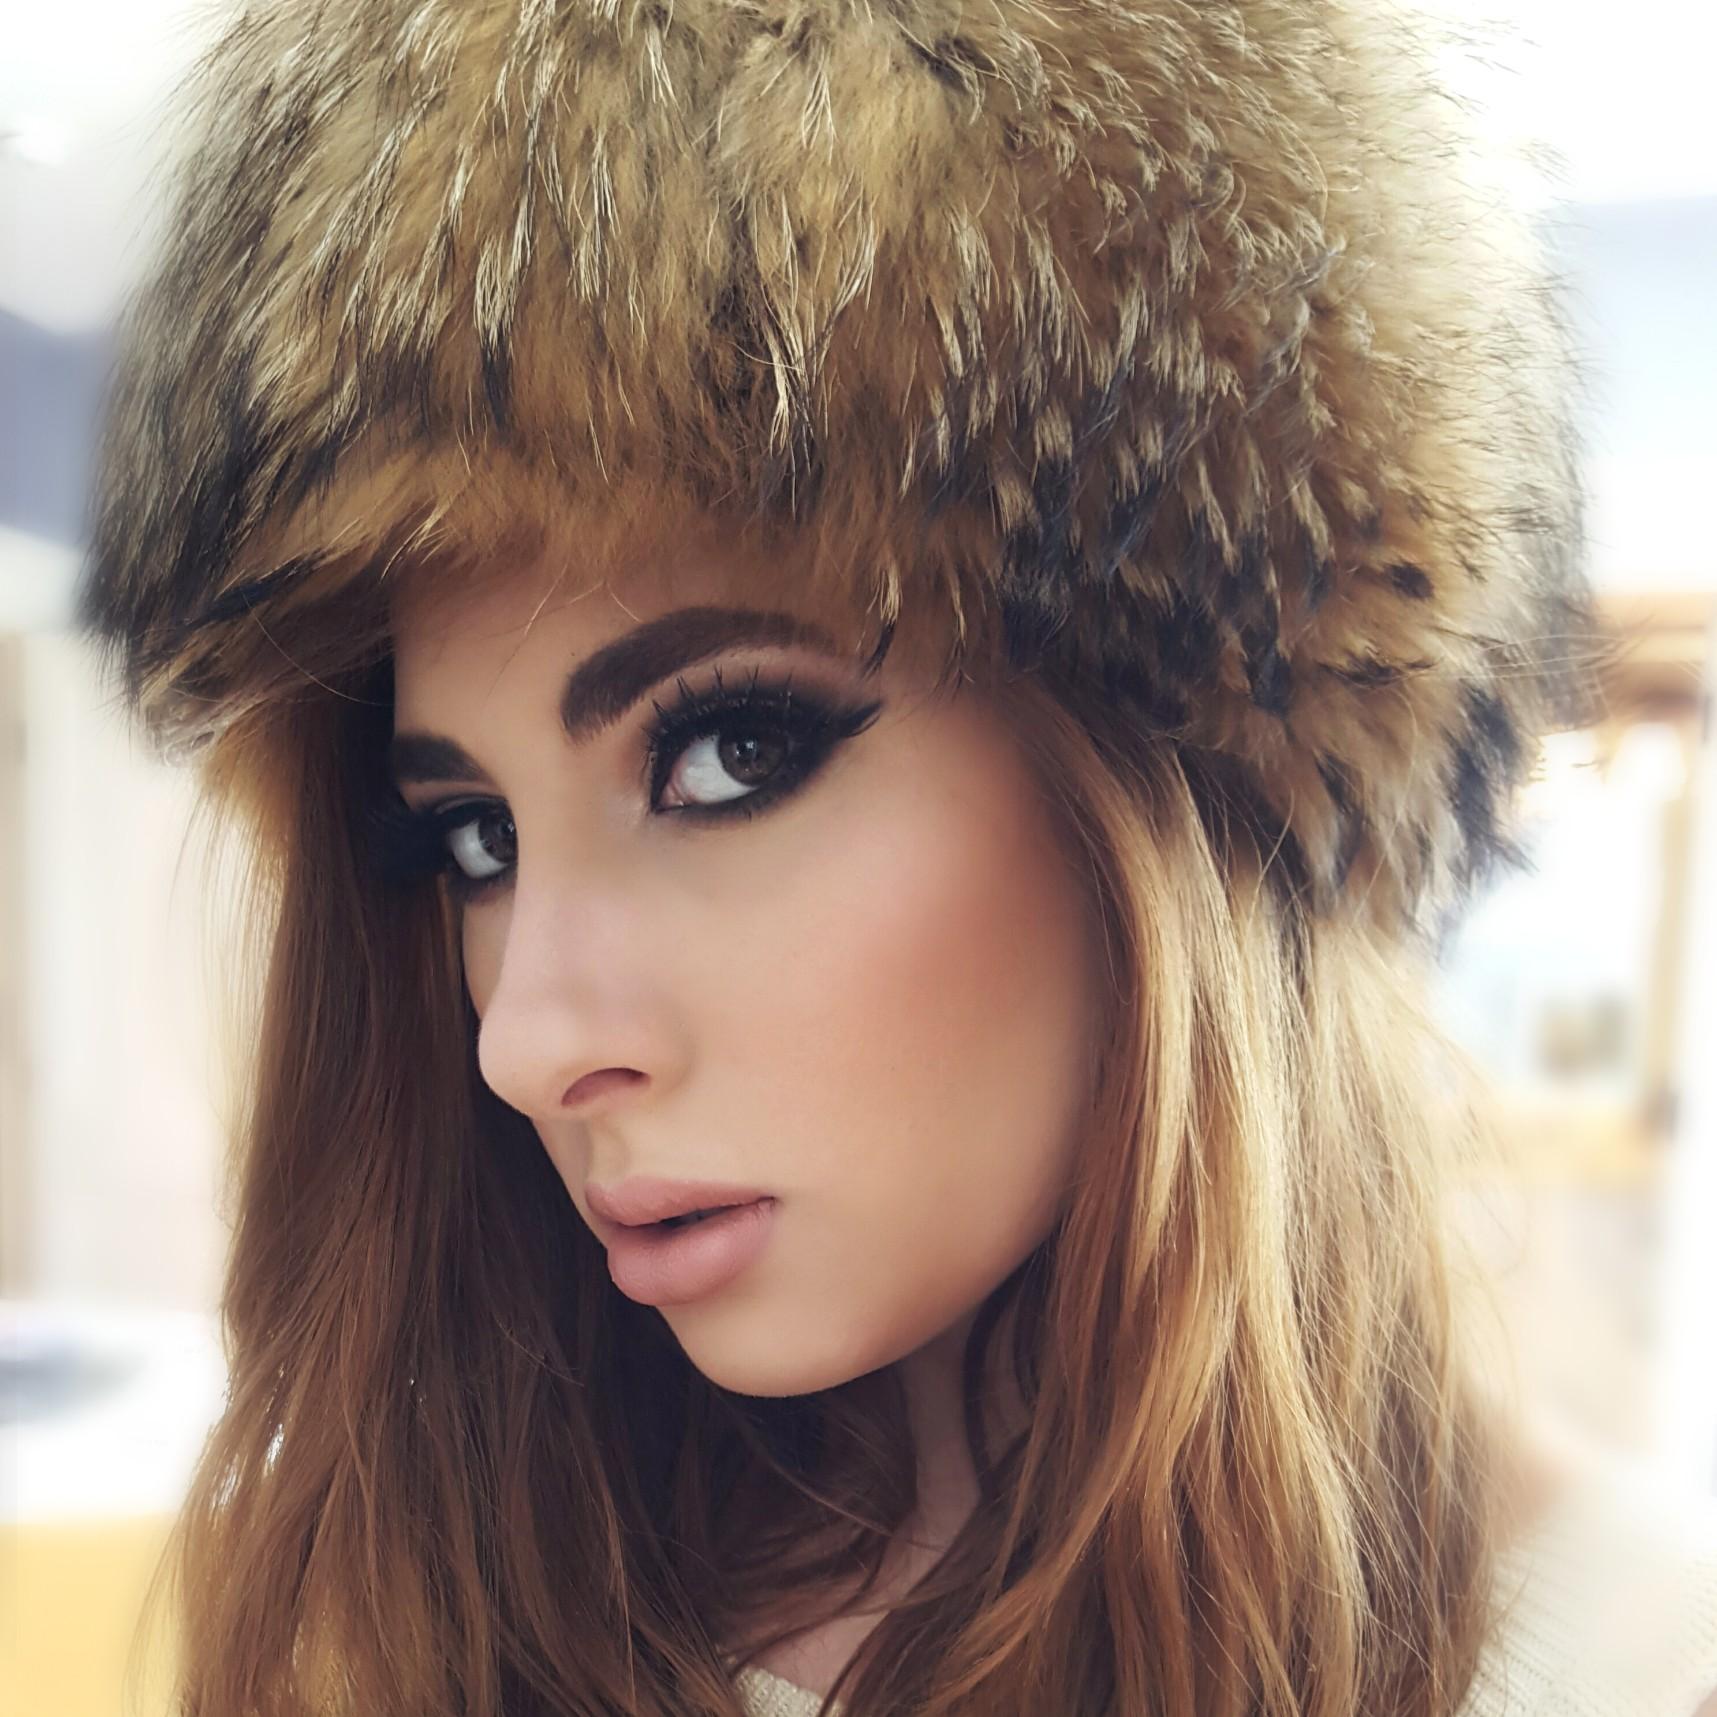 Russian Snow Bunny Makeup